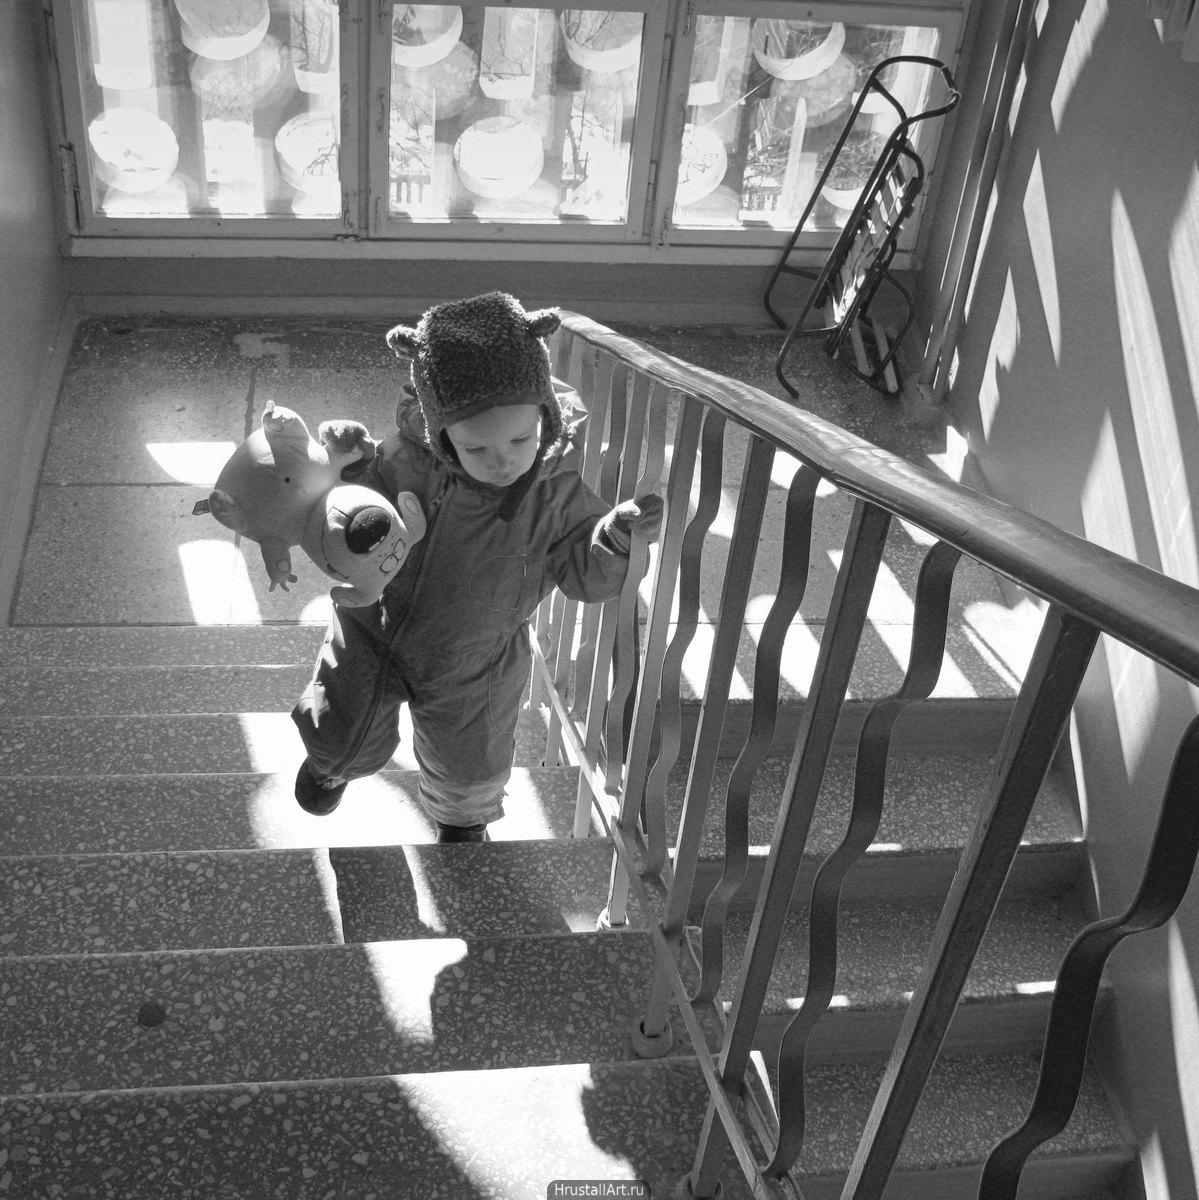 Лестничная клетка. ребенок с плюшевым мишкой возвращается с прогулки. Подъезд ярко освещён солнцем.